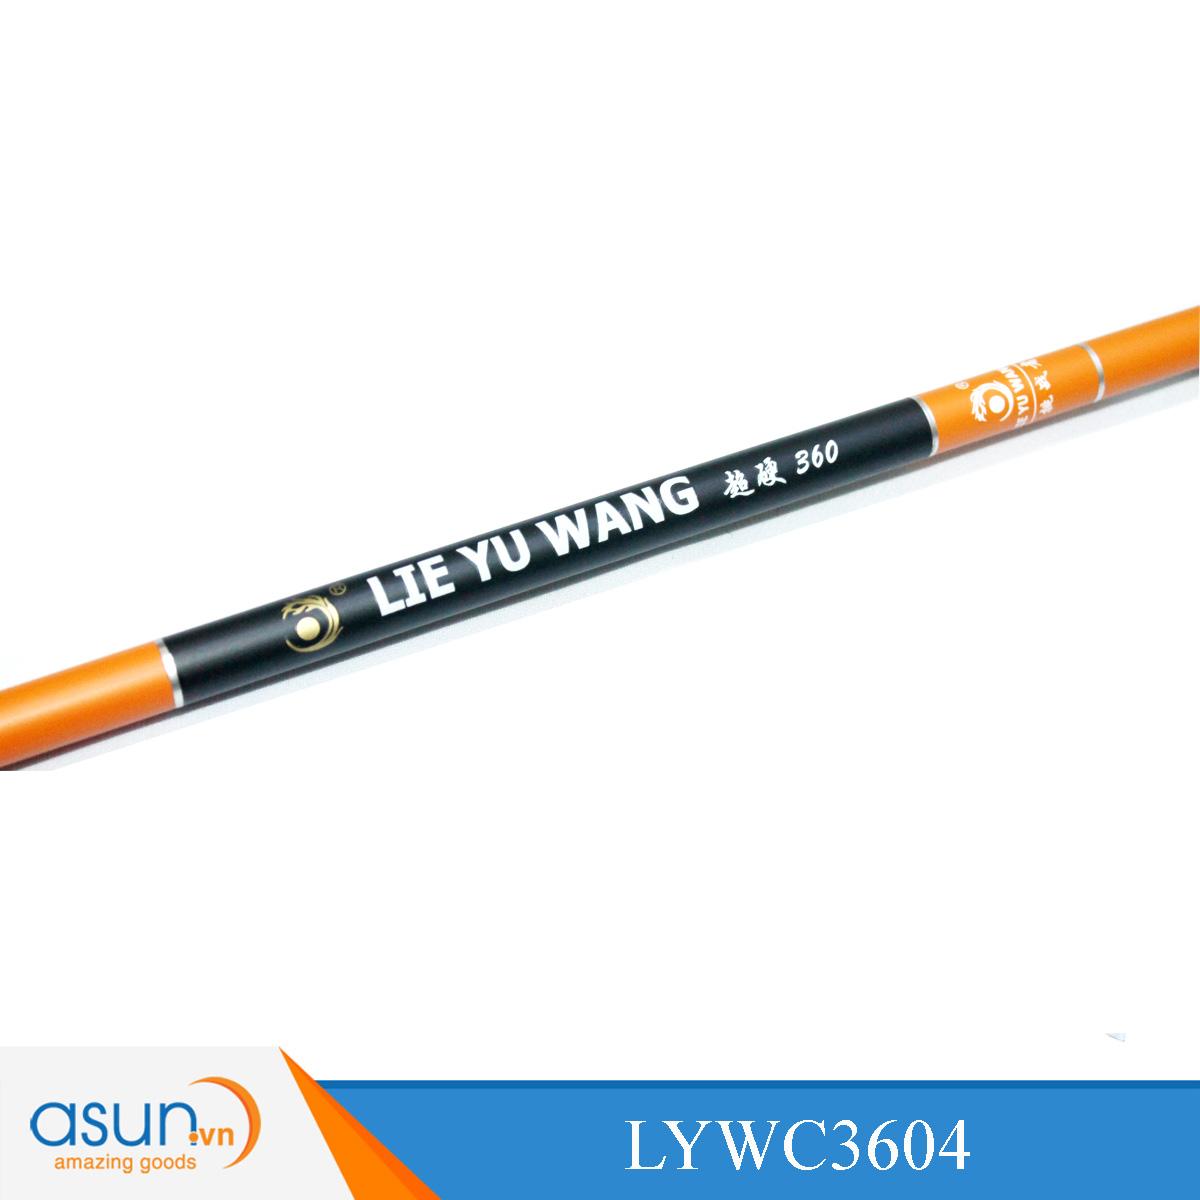 Cần Câu Tay Lei Yu Wang Màu Cam 3604 Cần câu chính hãng